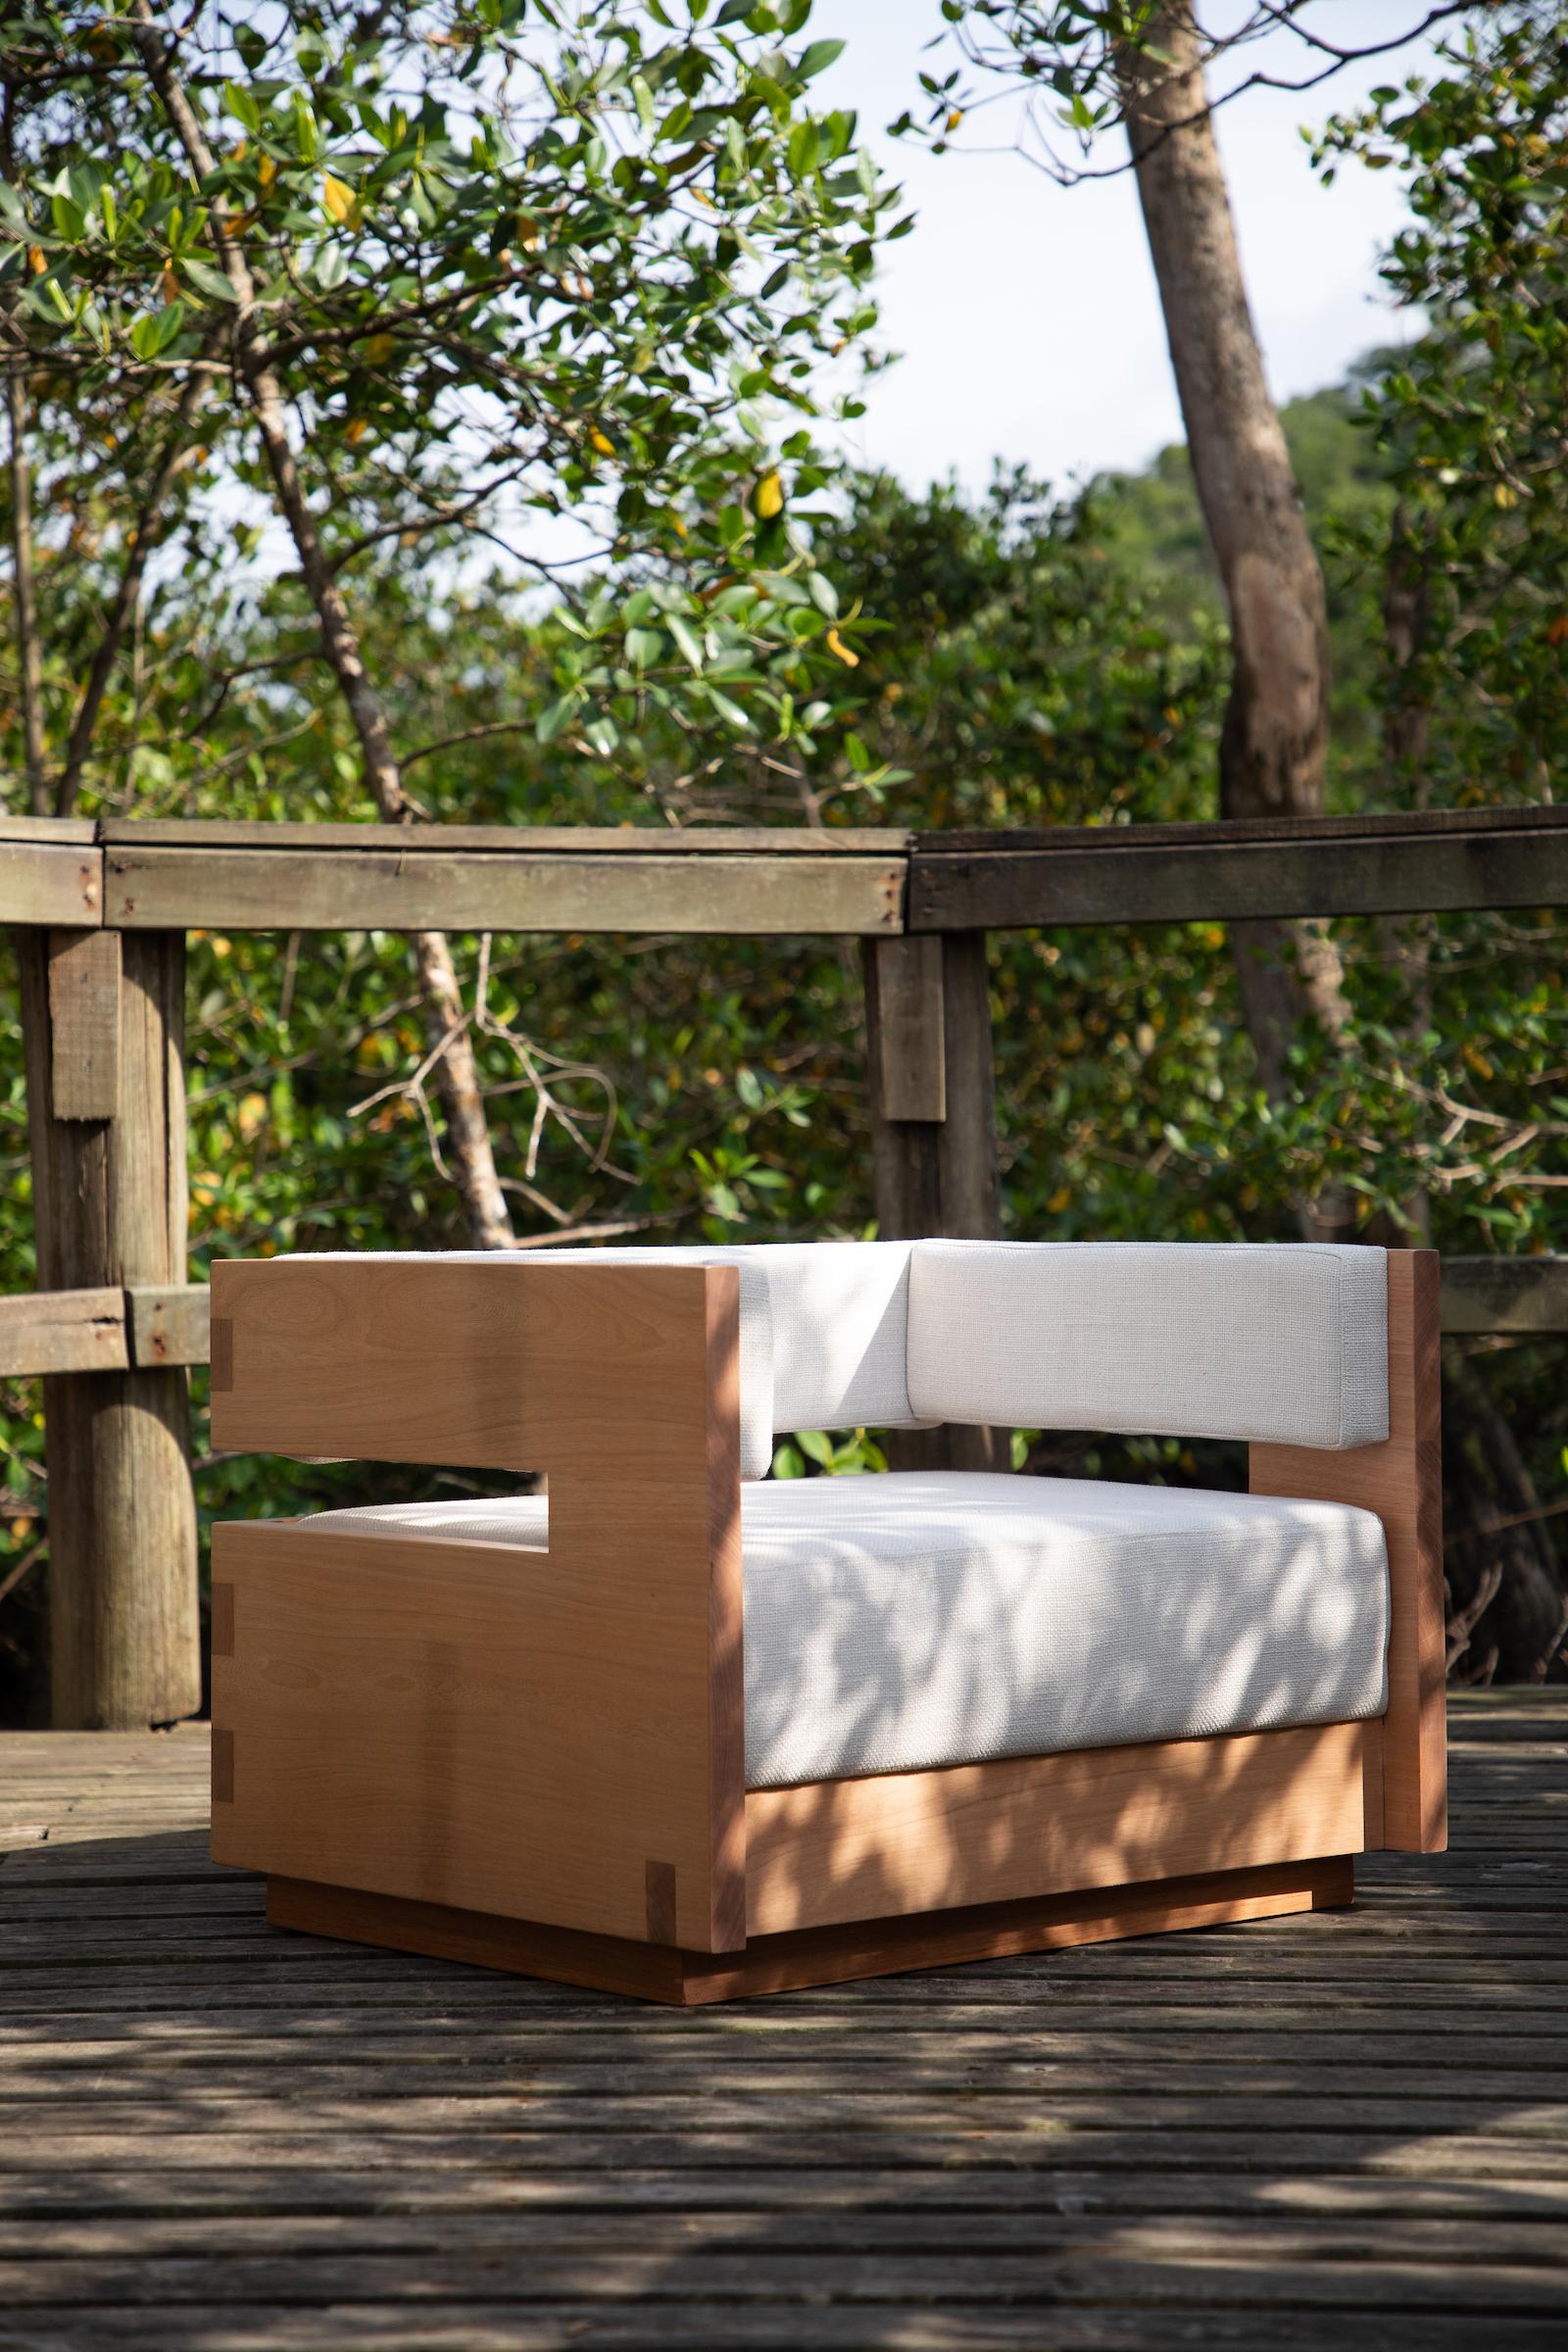 Poltrona Saquê, assinada por Giuliano Marchiorato, é inspirada na marcenaria tradicional japonesa. A peça é em madeira maciça e o revestimento é linho. Parte do encosto foi retirado para ficar em balanço.